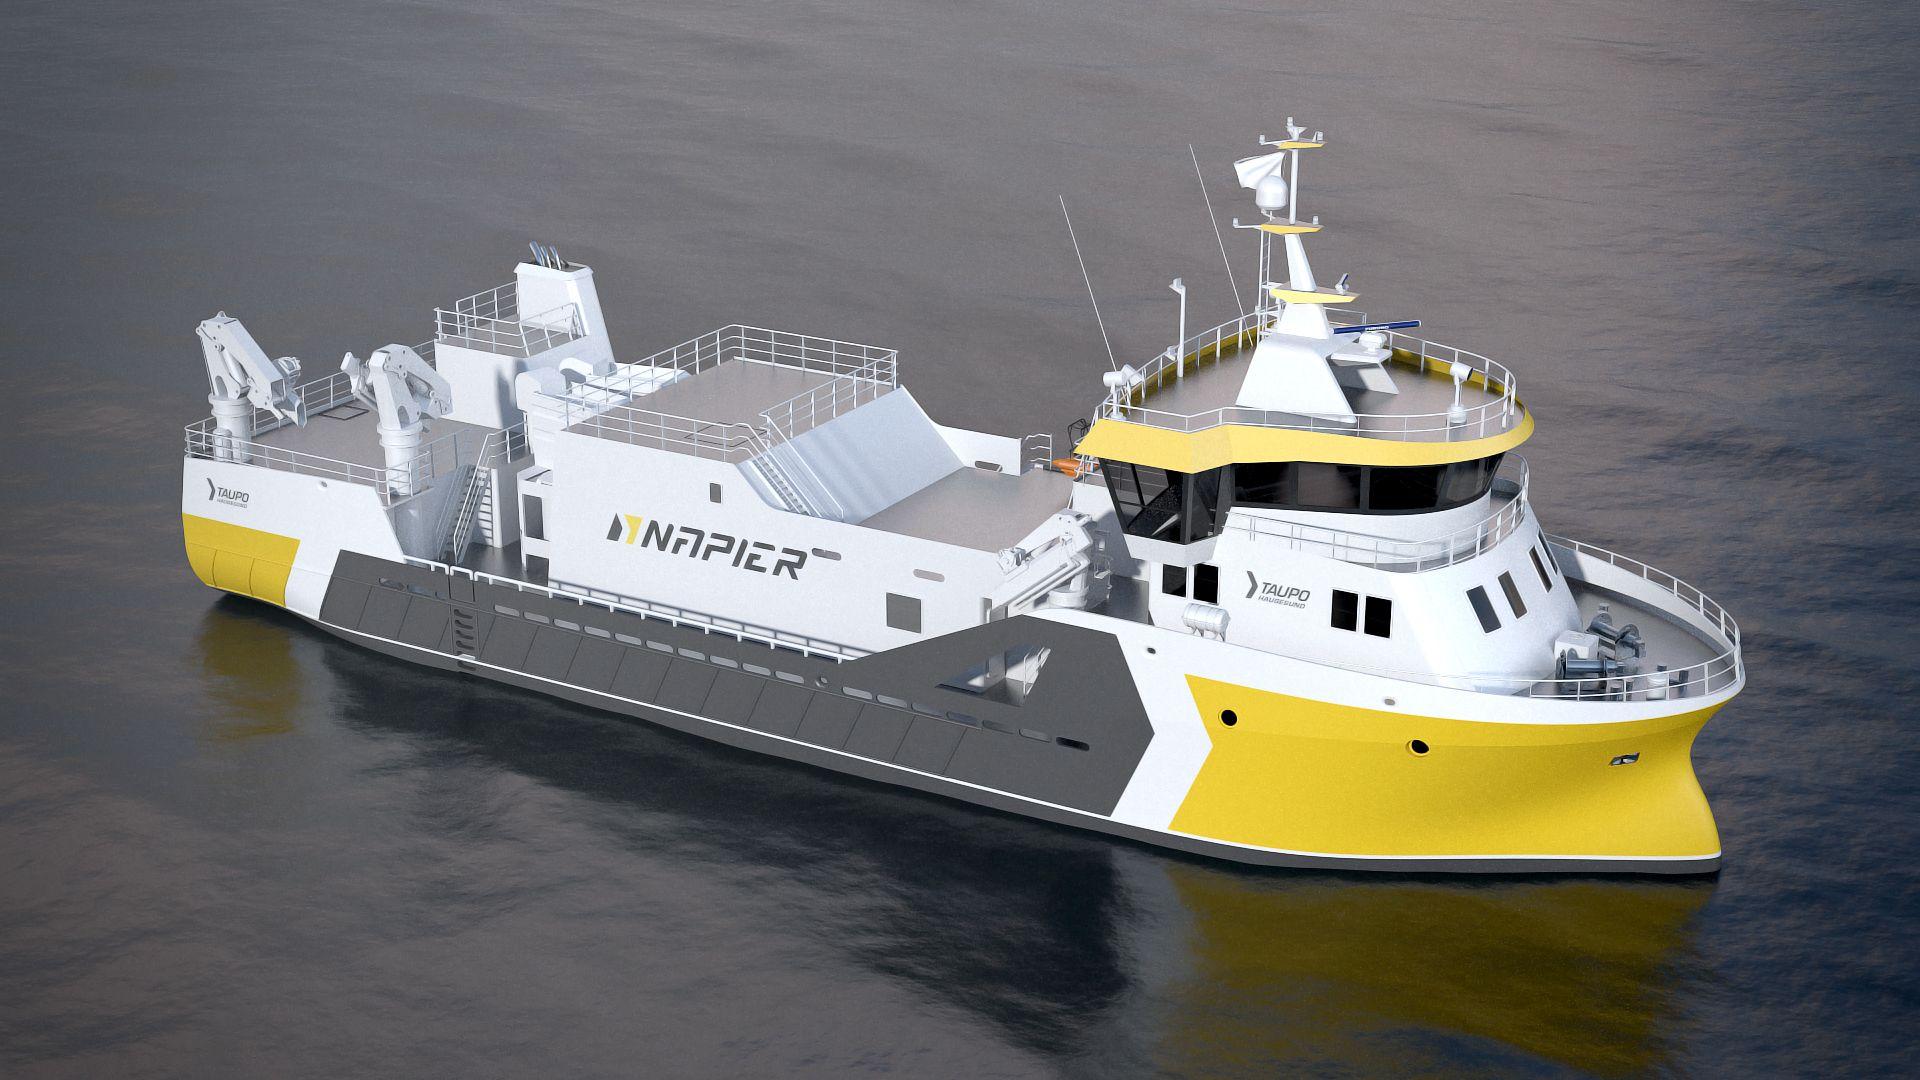 Napier AS - Ny kontrakt av et prosessfartøy med design HeimliFMV